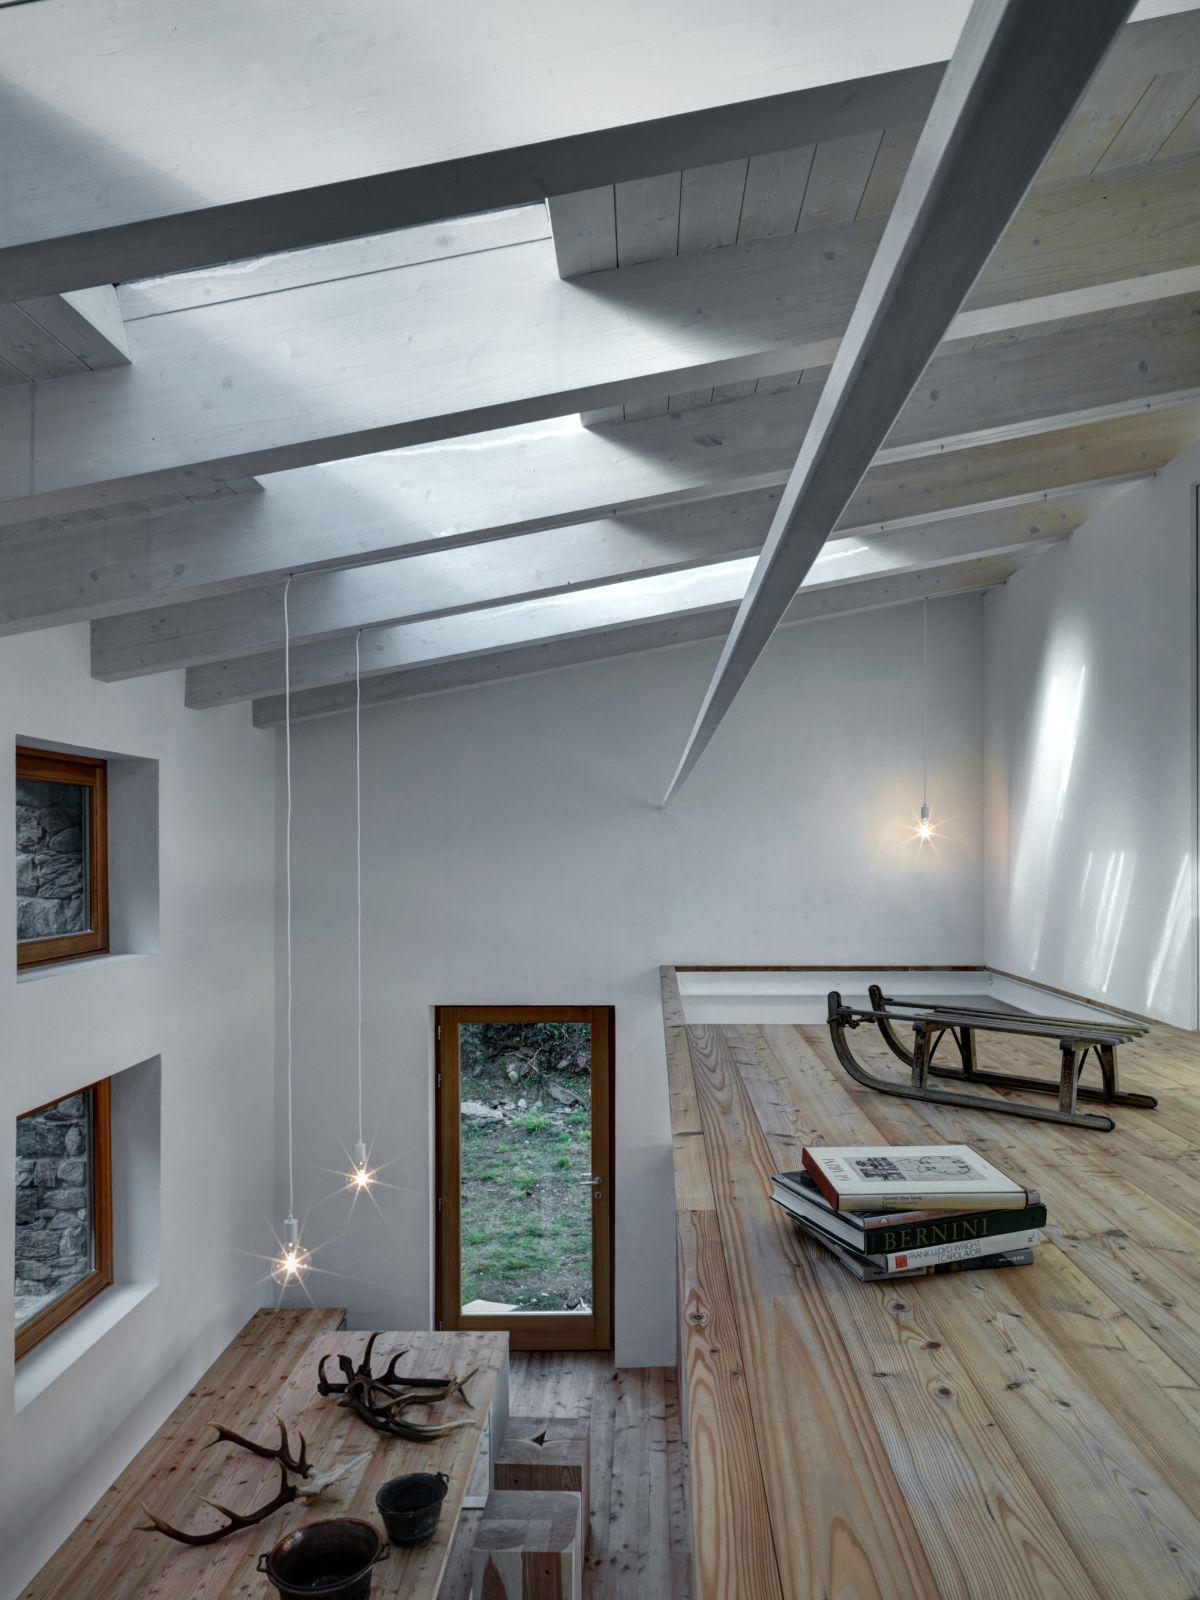 Casa Vi in Sondrio loft study area